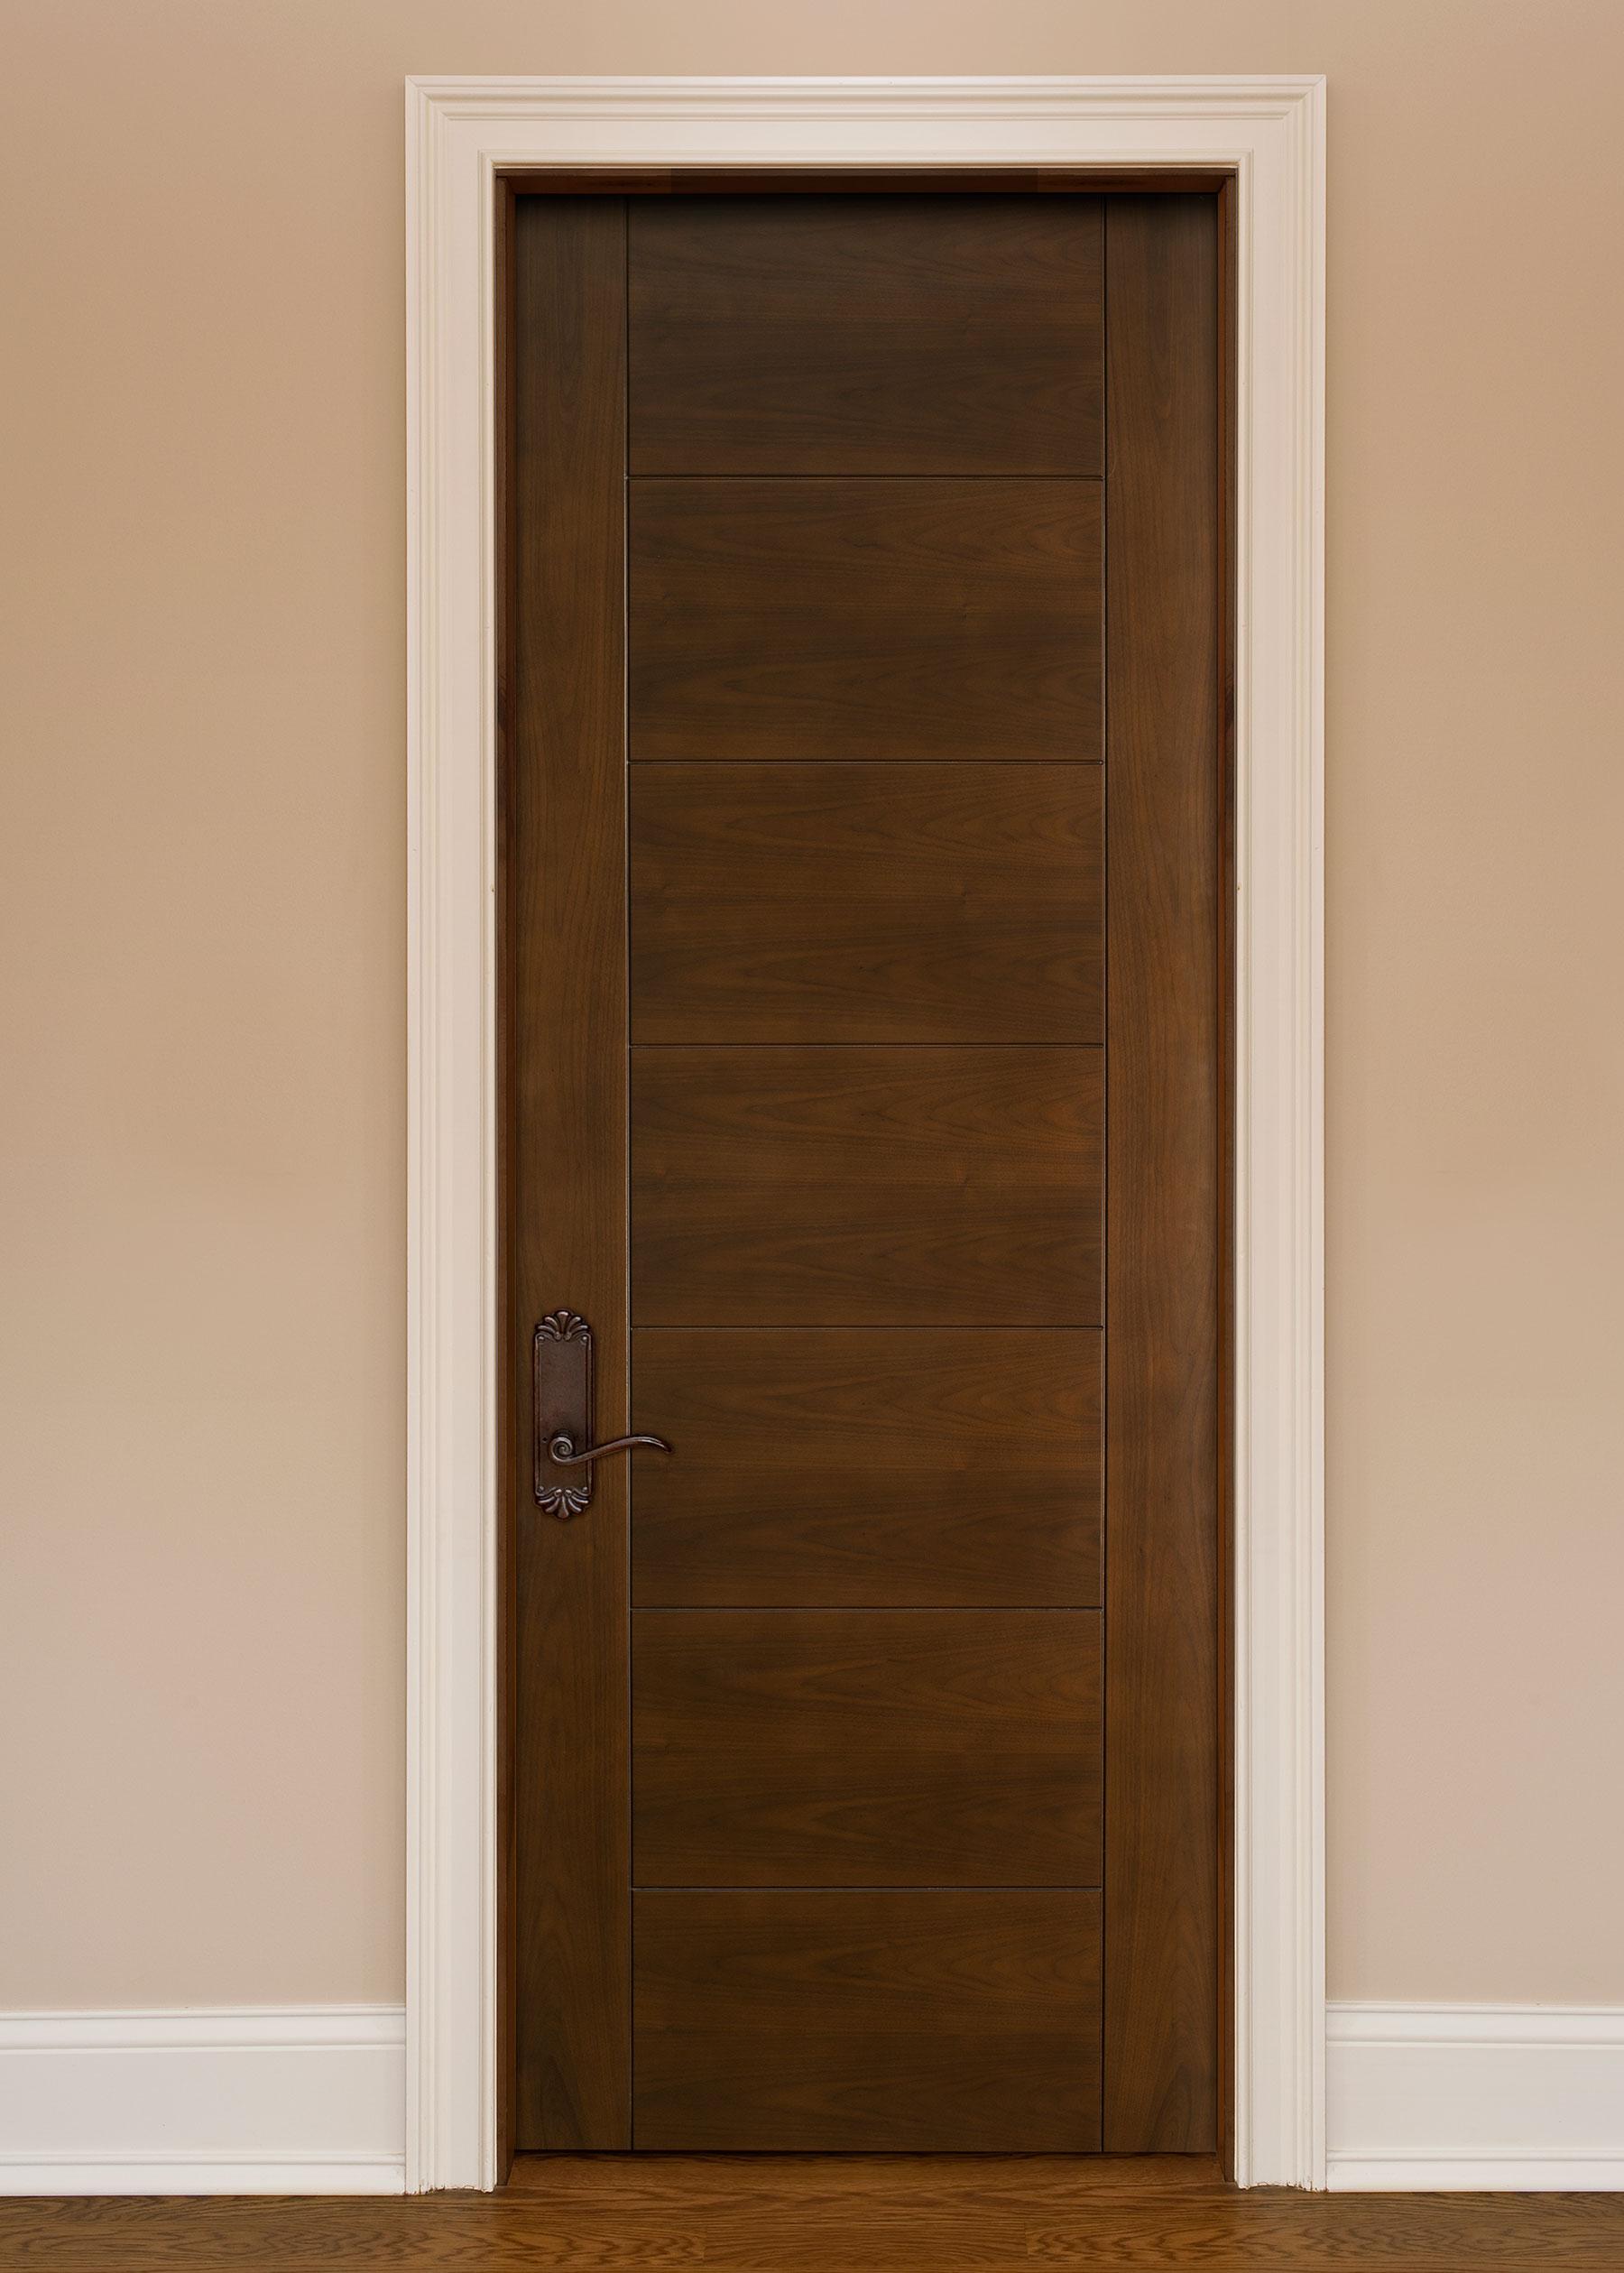 Custom Wood Interior Doors | Custom Modern Wood Door with Contemporary V-Grooves DBI-711 - Glenview Doors - Custom Doors in Chicago